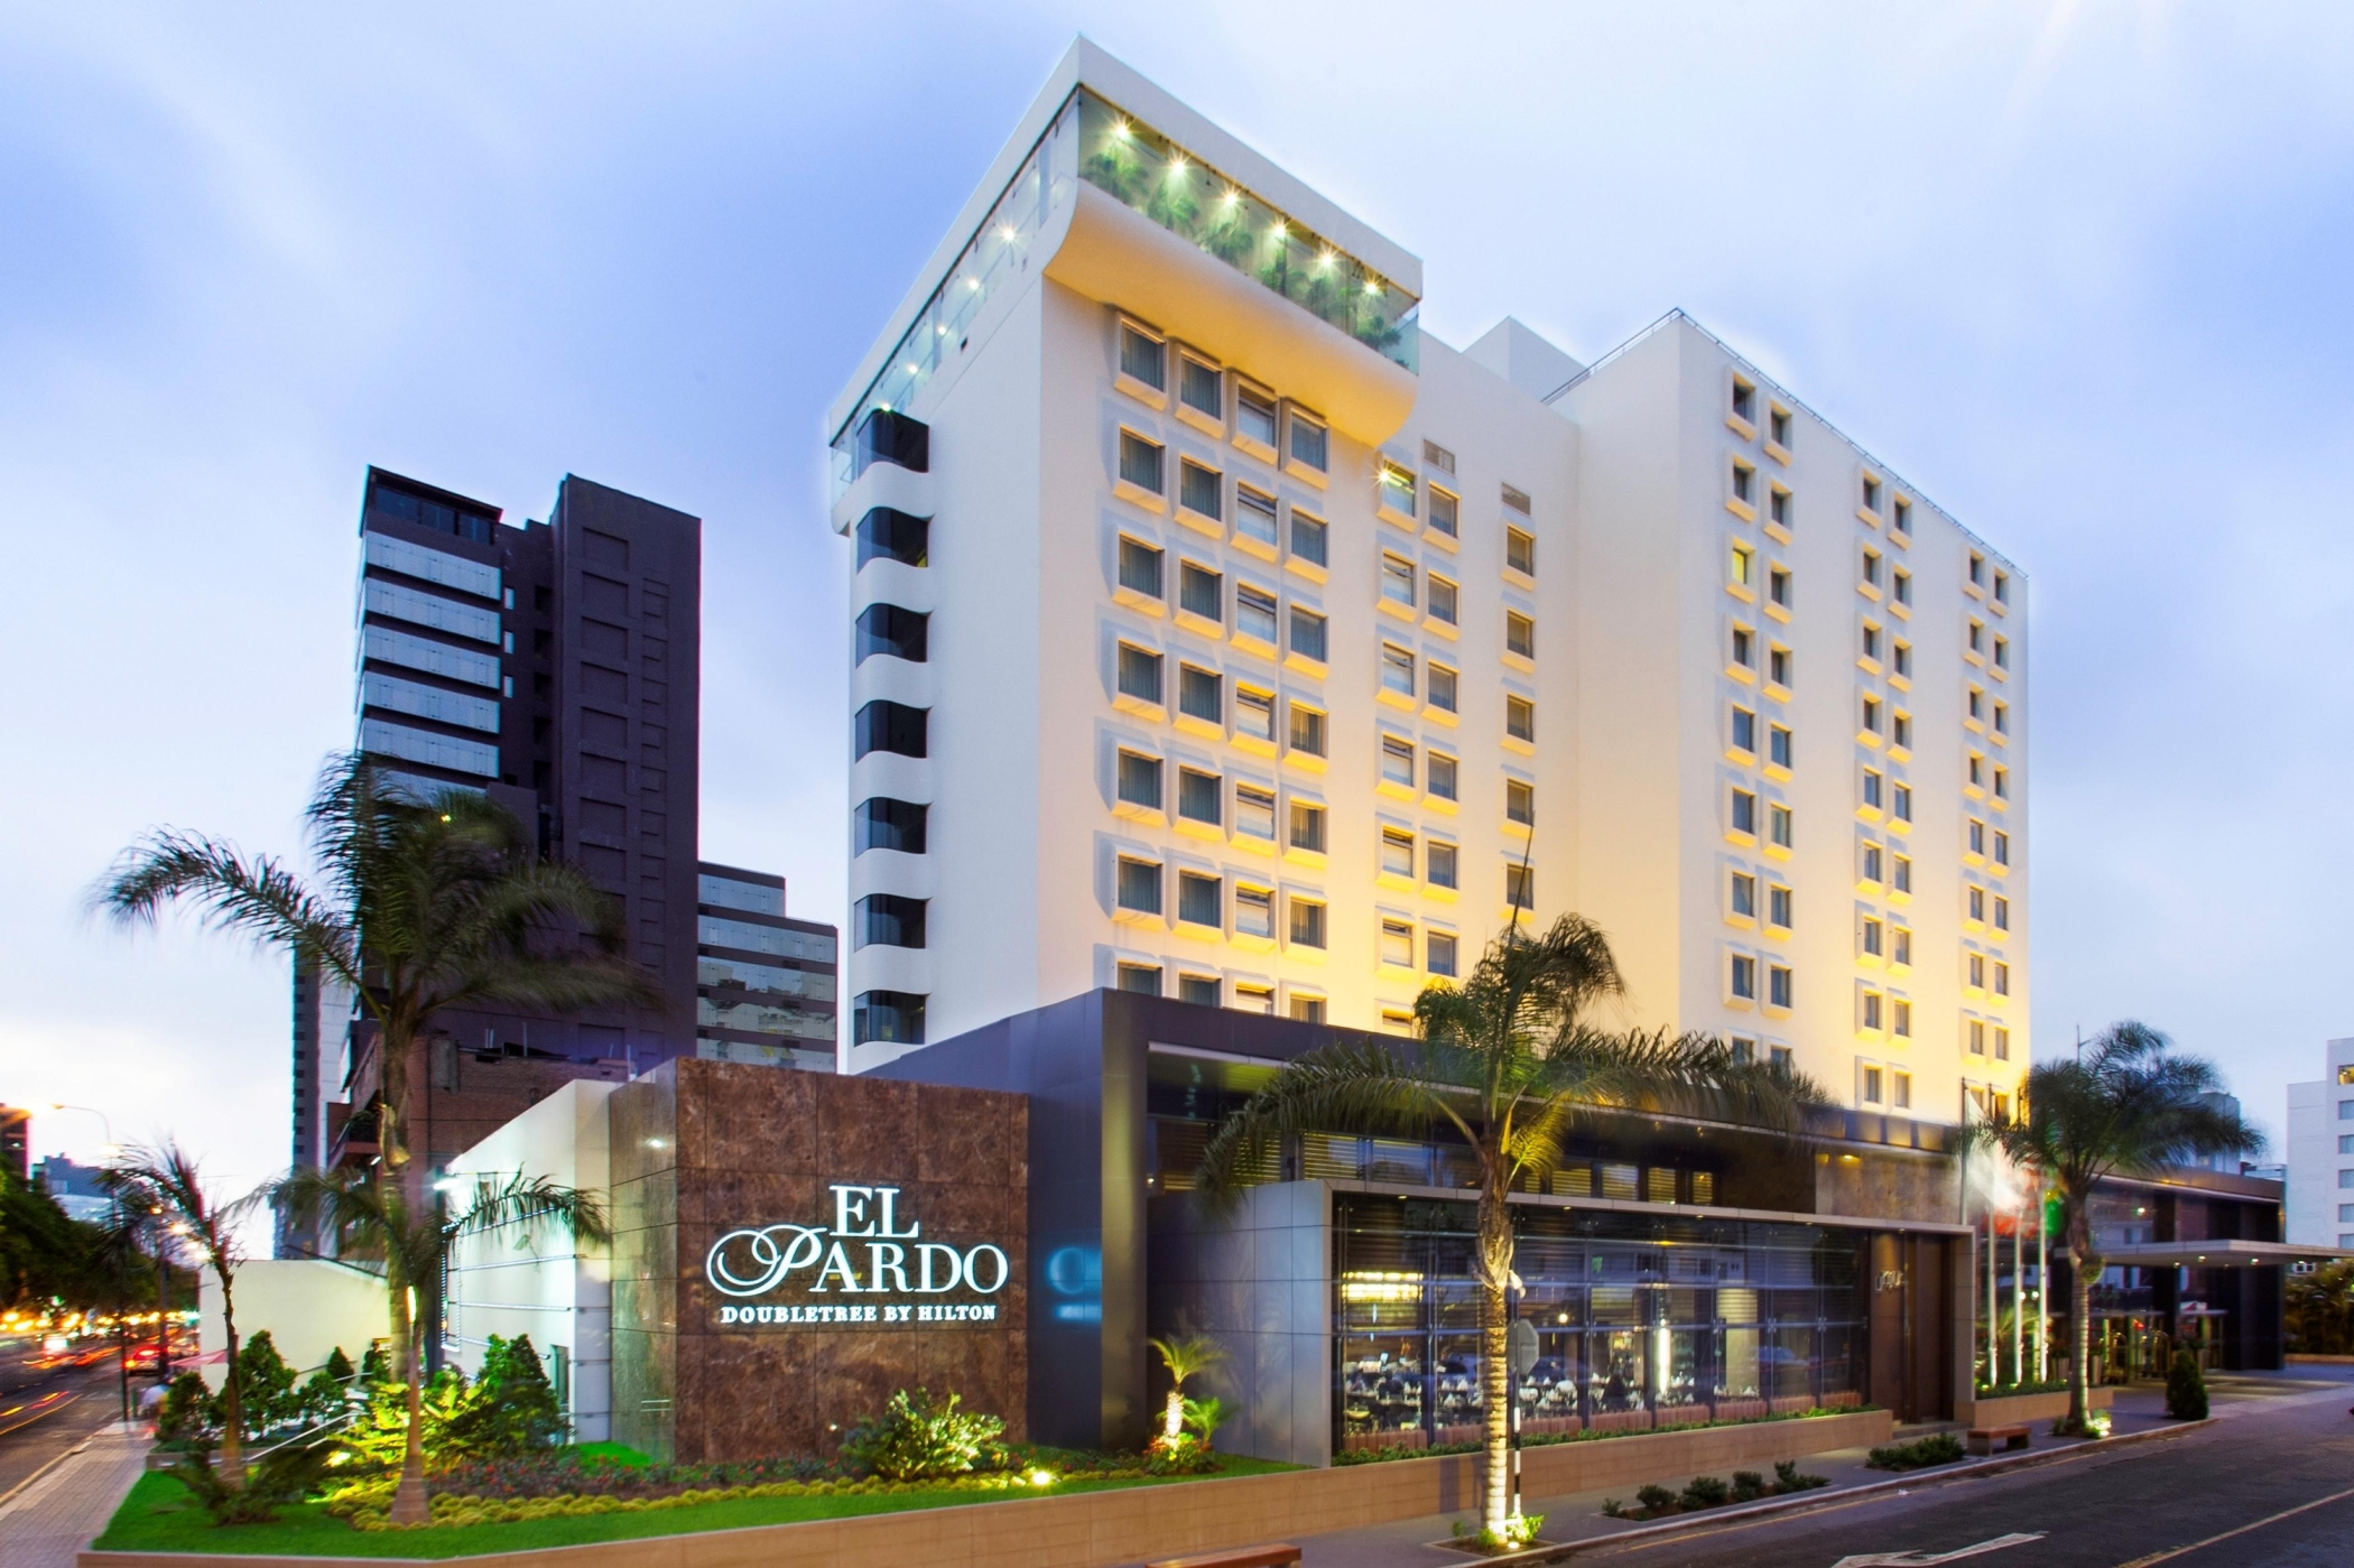 DoubleTree El Pardo by Hilton